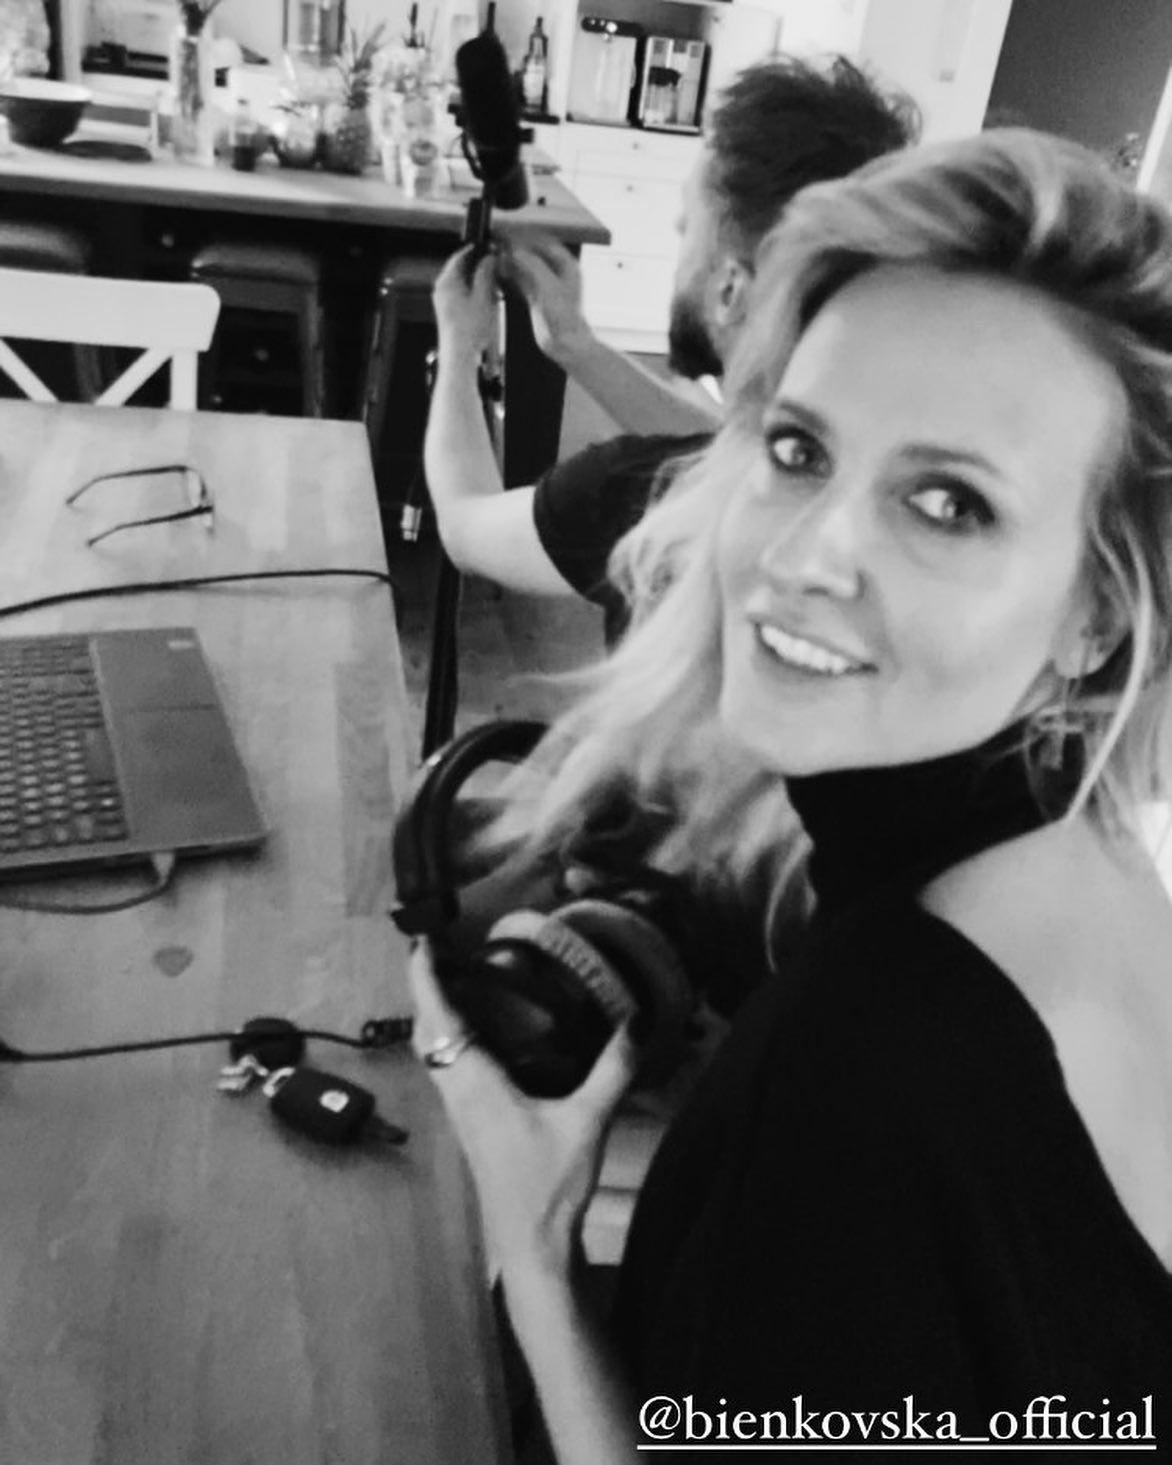 Patrycja Markowska- jak zawsze w swoim wyrazistym, rockowym stylu! Kobieta Rakieta ⚡️⚡️⚡️Wulkan energii i dobra. Tym bardziej się cieszę widząc, jak obłędnie nosi ten wyjątkowy golf w dekoltem na plecach!!! Dziękuję za zdjęcia na Insta! @patrycja_markowska_official 🖤🖤🖤 #Bienkovska #PatrycjaMarkowska #blackknit  #merinowool #turtleneck #amazinglook #singer #rockstyle #plecy #odkryteplecy #subtelnieświadomiekobieco #polishsinger ⚡️⚡️⚡️